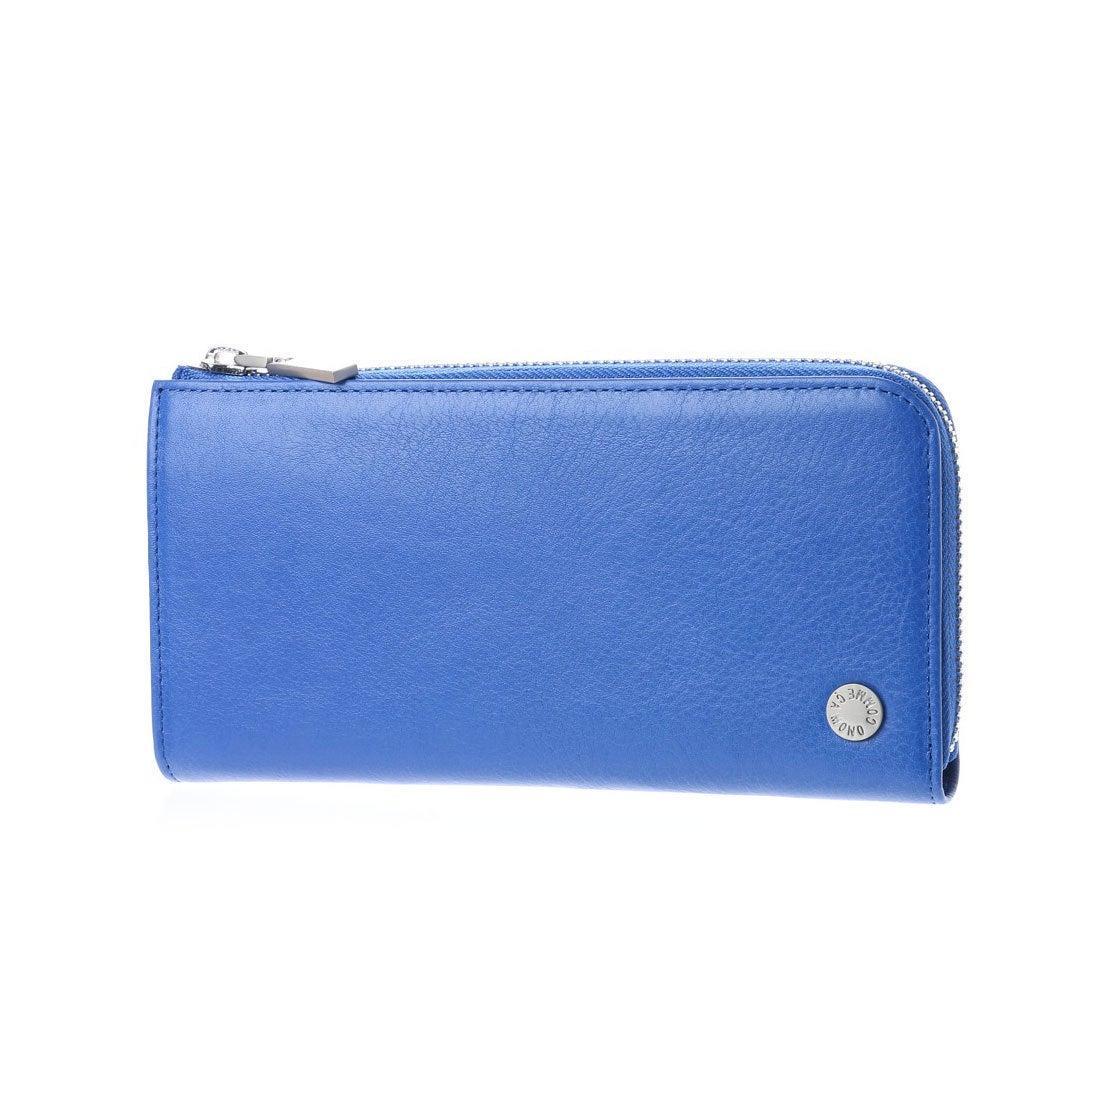 コムサイズム COMME CA ISM MONOL字ファスナー型長財布 (ブルー) レディース メンズ